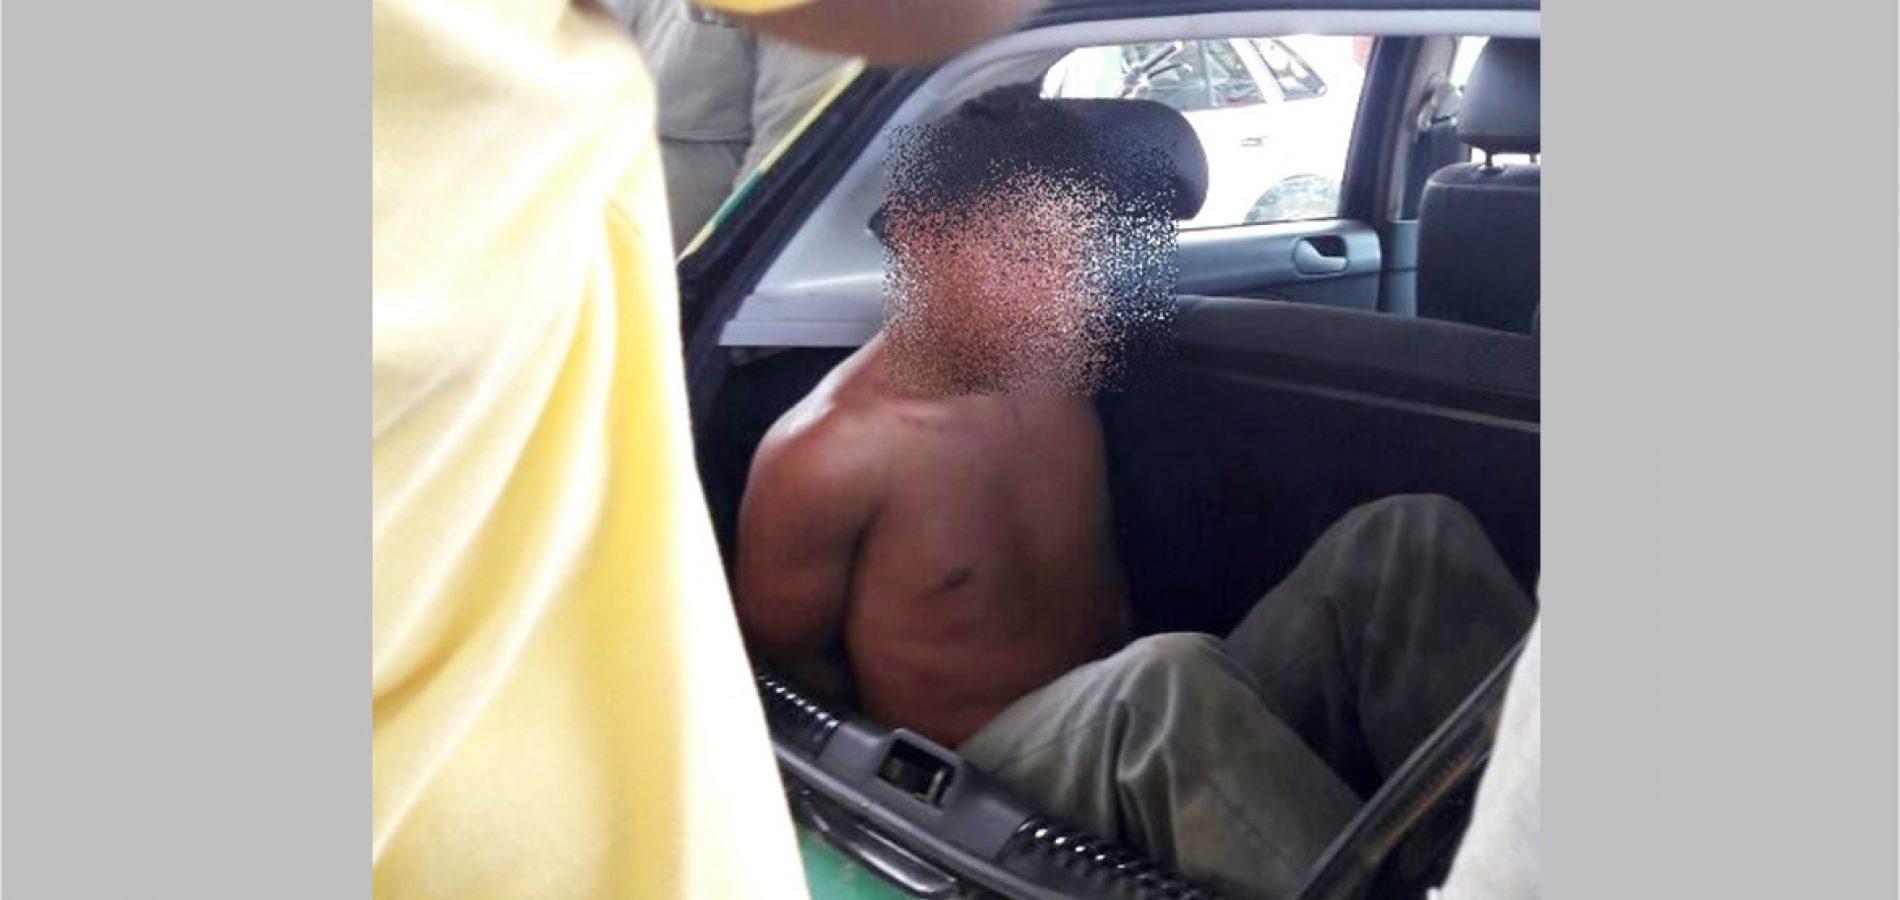 Quarto envolvido em confronto com a polícia é apreendido no interior de Vila Nova. Veja!